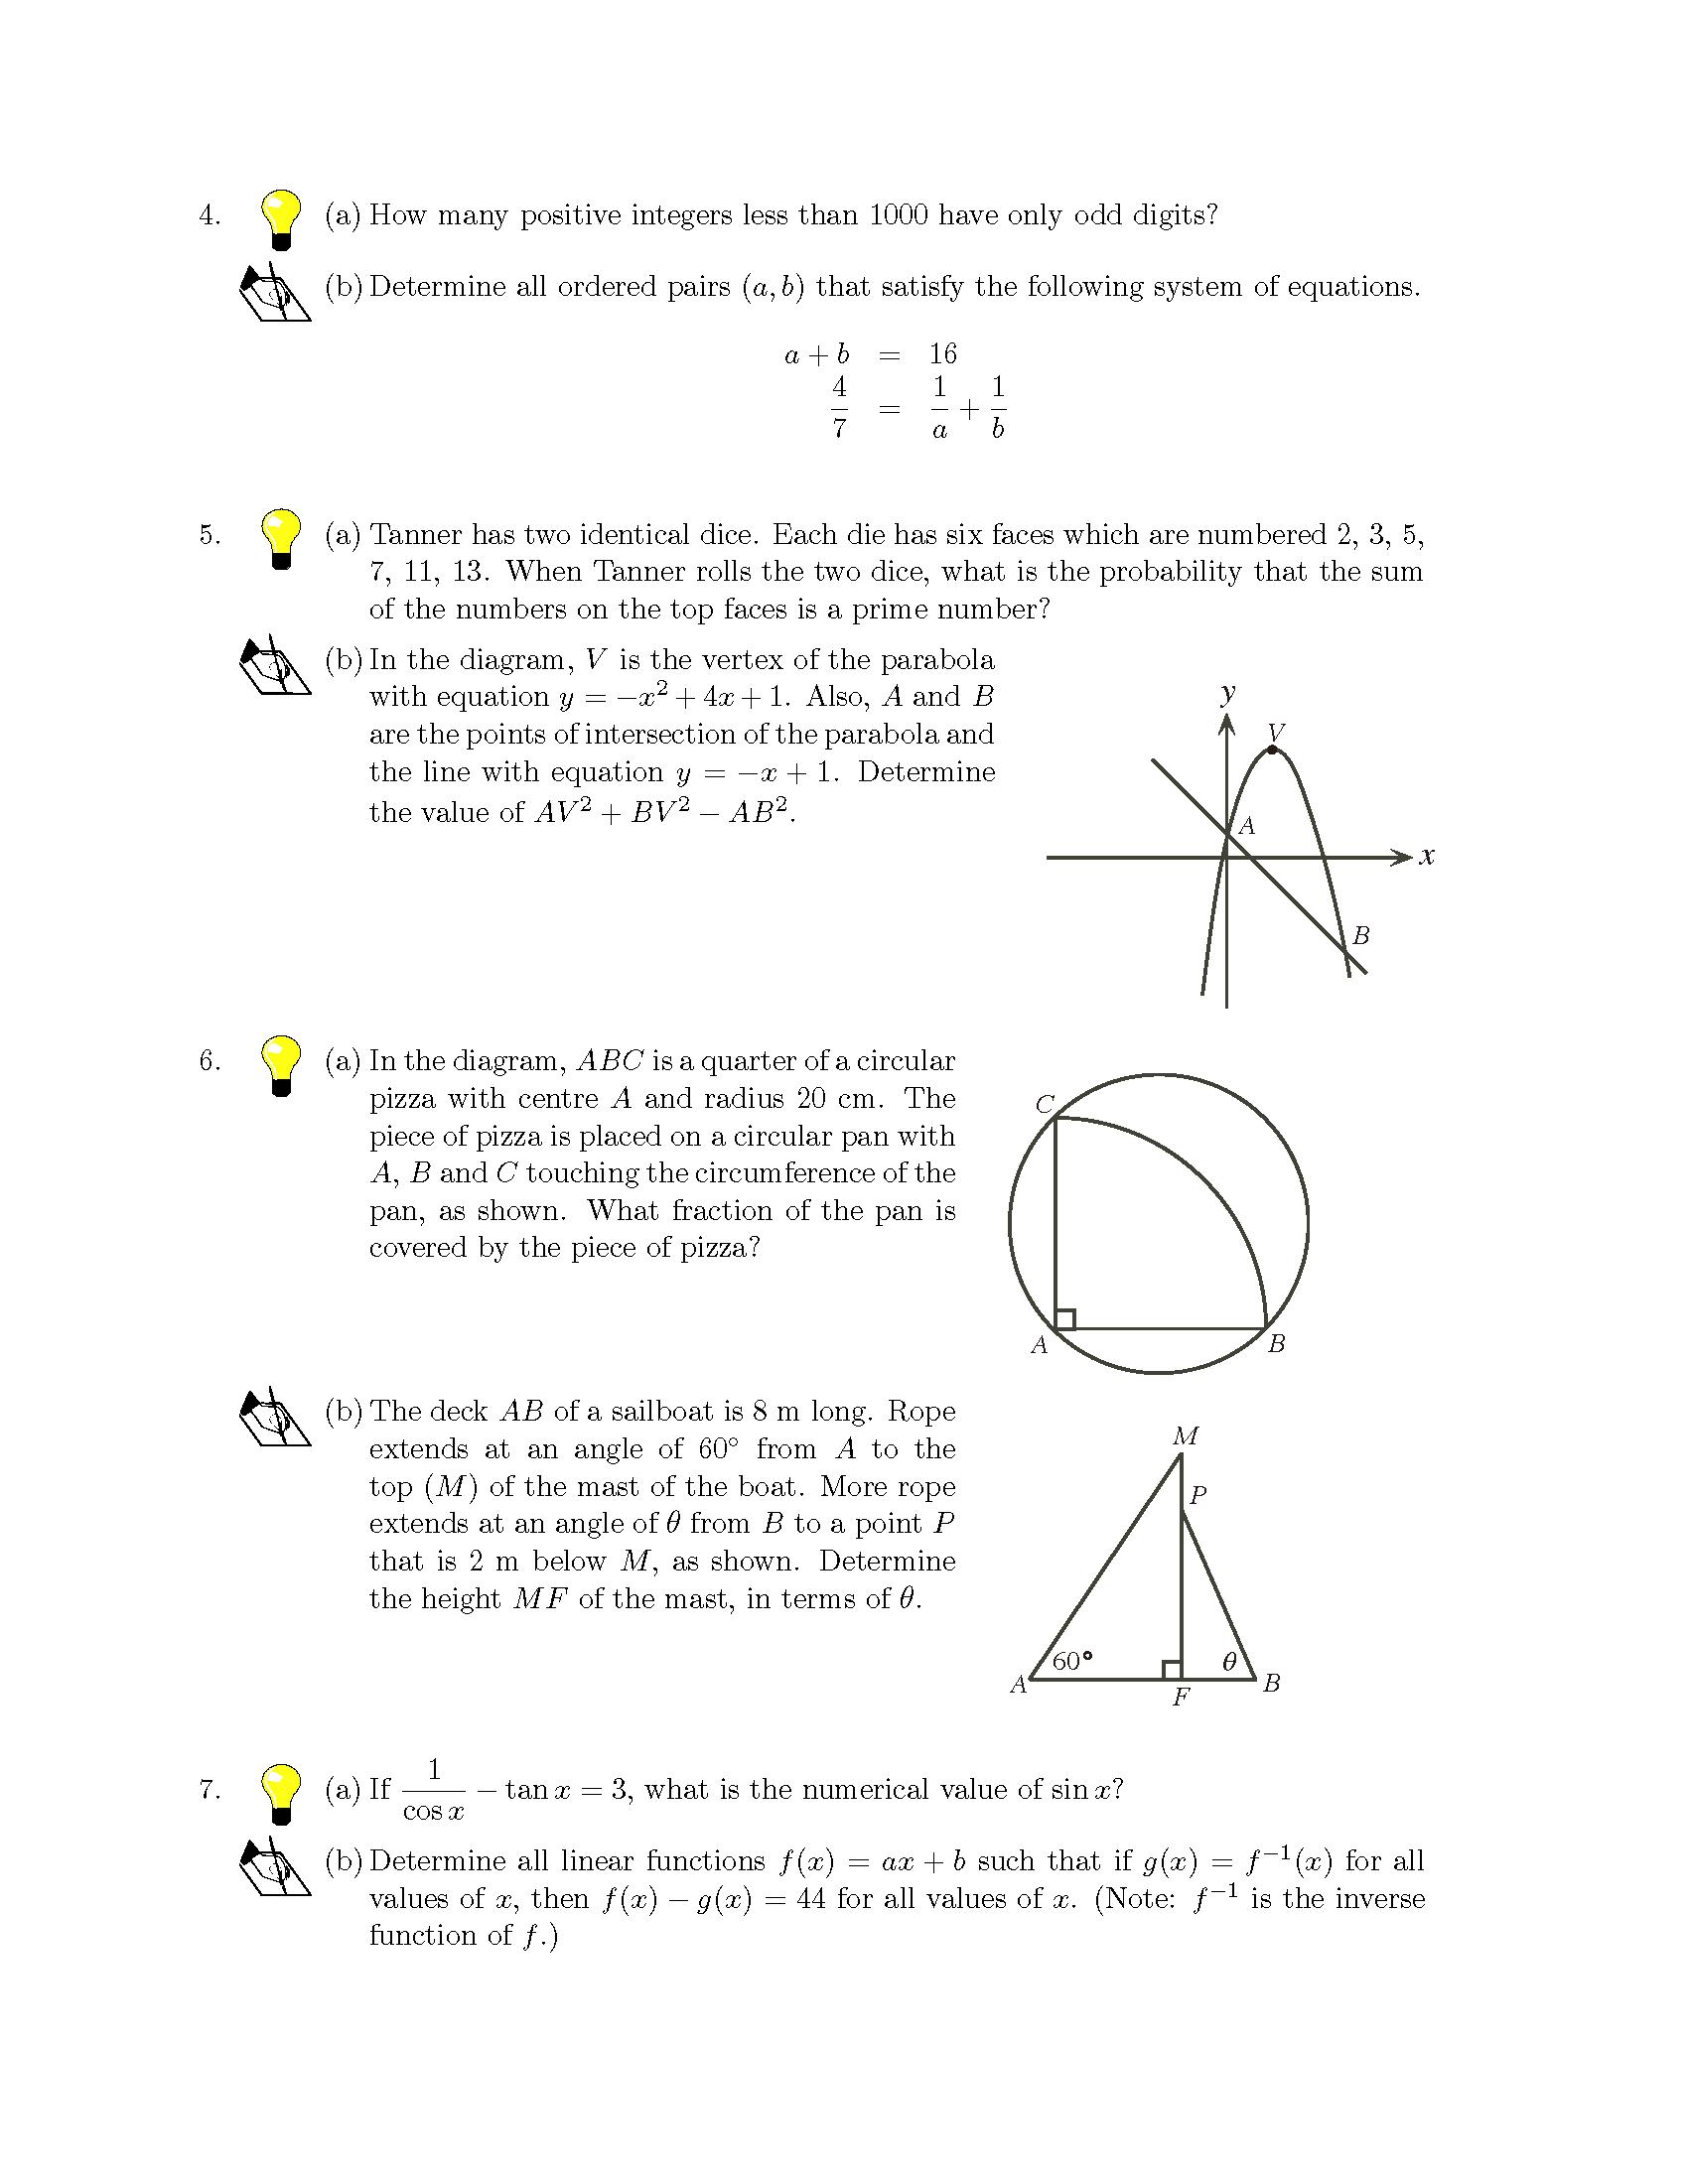 加拿大数学竞赛CMC-Euclid欧几里德数学竞赛2013年真题